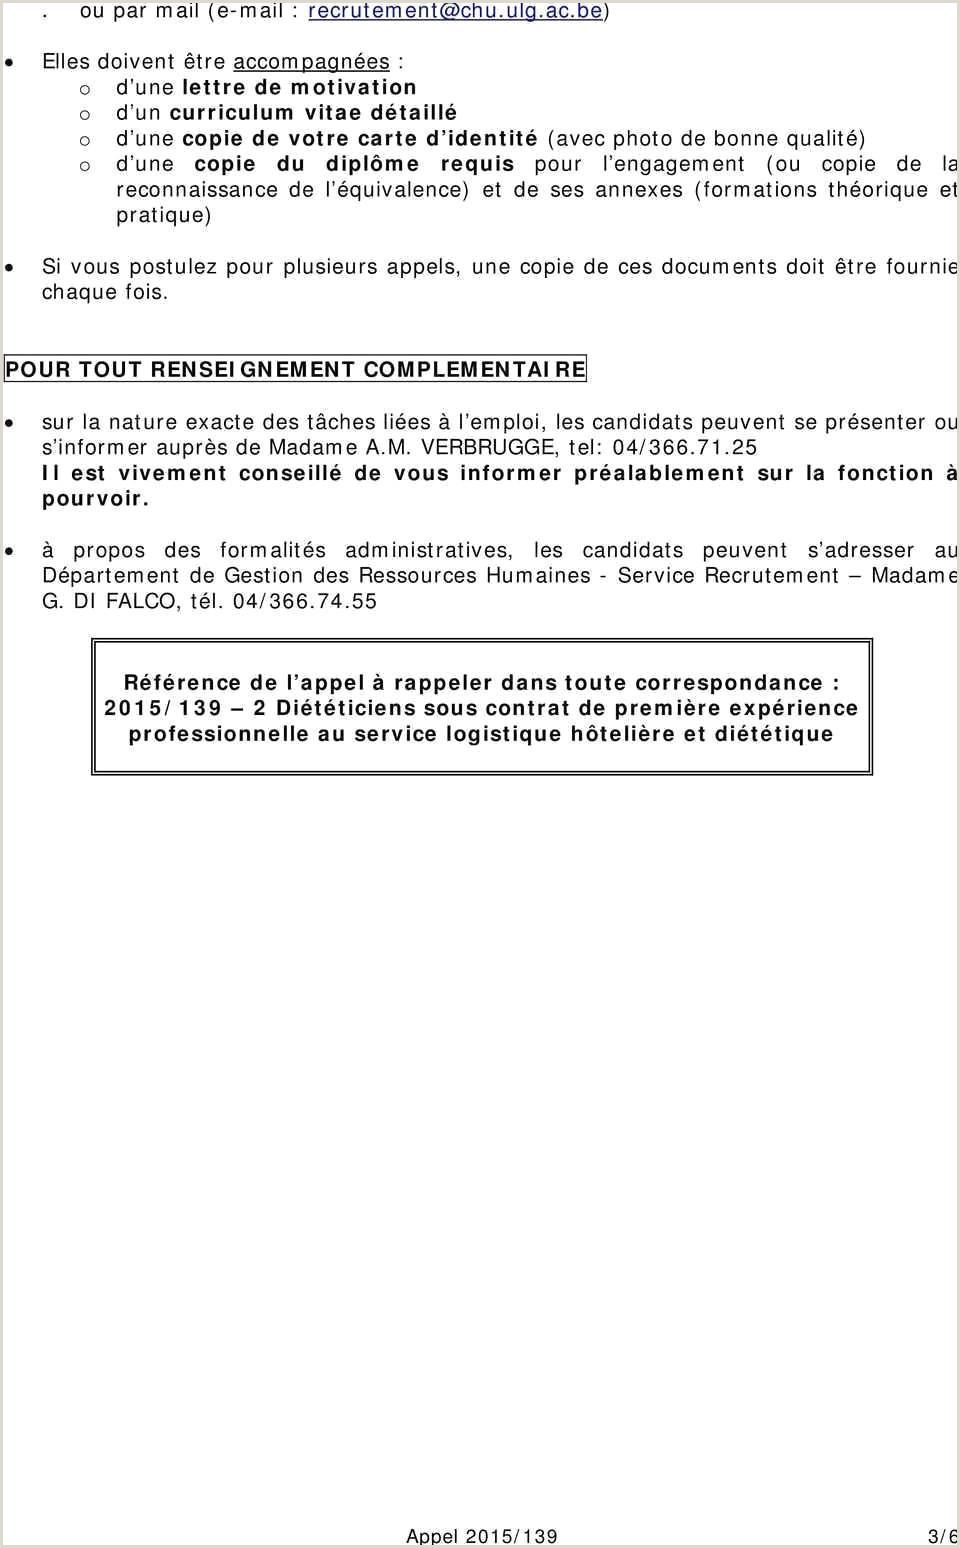 Curriculum Vitae Simples Gratis Logiciel Lettre De Motivation Et Cv Gratuit Cv Femme De